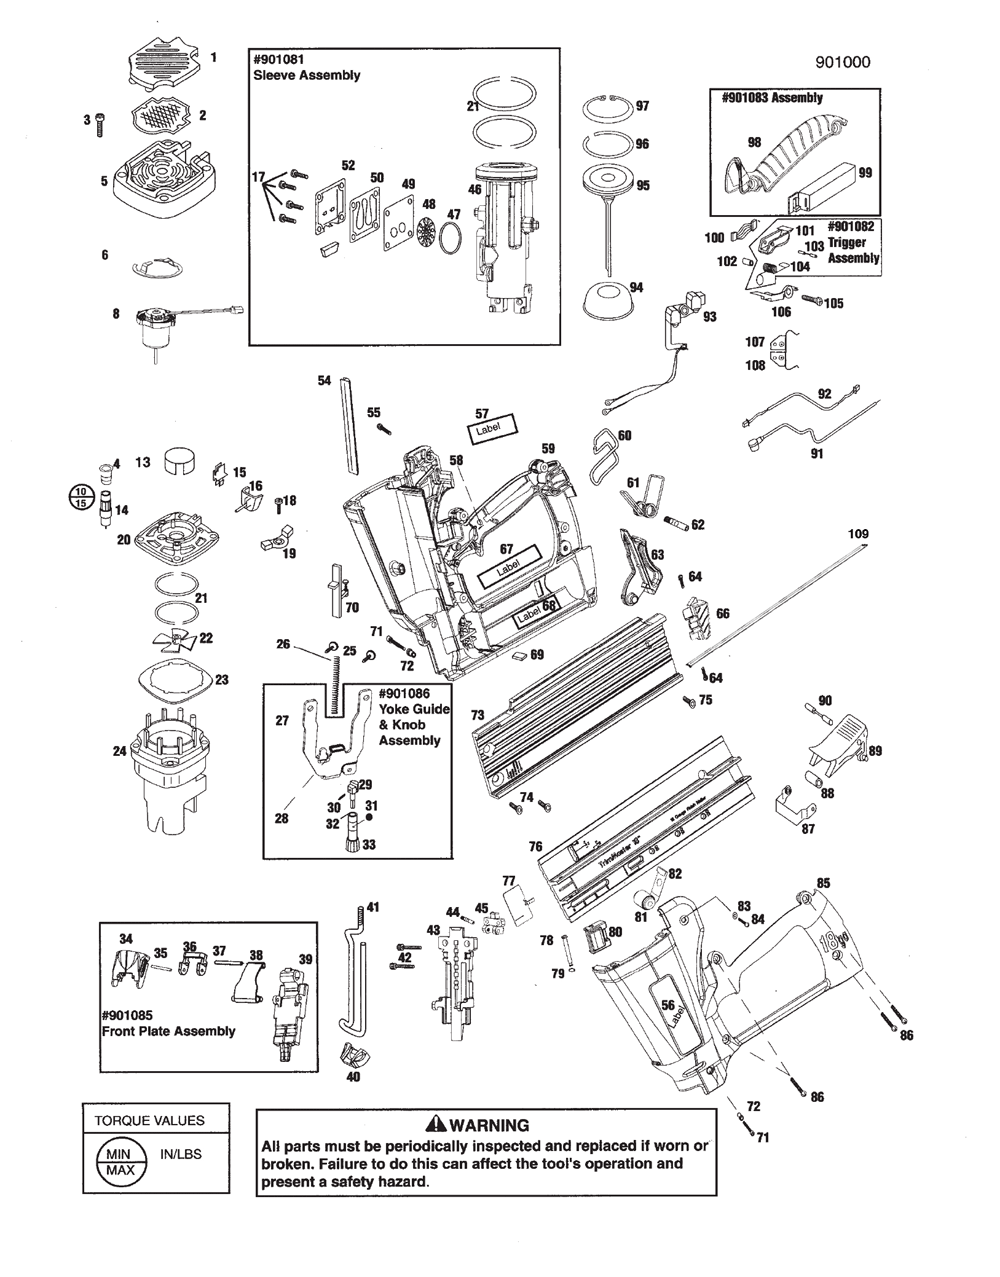 Paslode 901000 Parts List | Paslode 901000 Repair Parts | OEM Parts